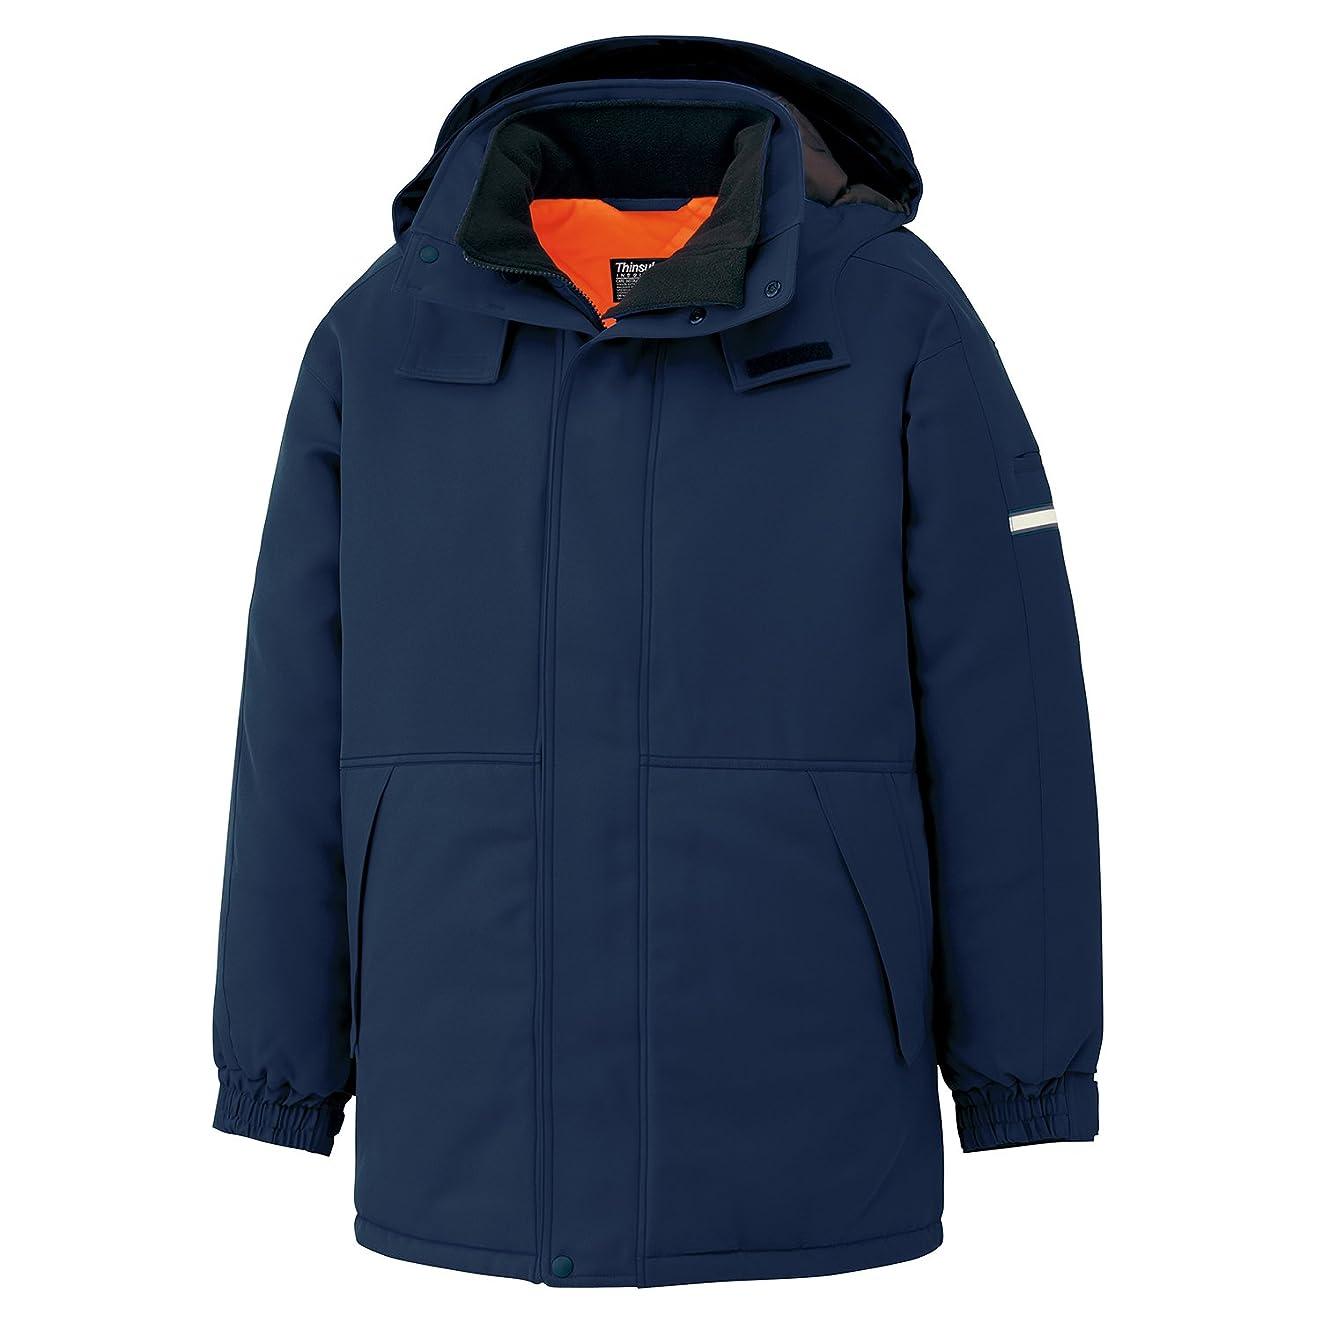 クマノミ勃起シンボルミドリ安全 防寒服 冷蔵庫内 屋外作業用 撥水加工 極寒 防寒 コート M4067 ネイビー 3L